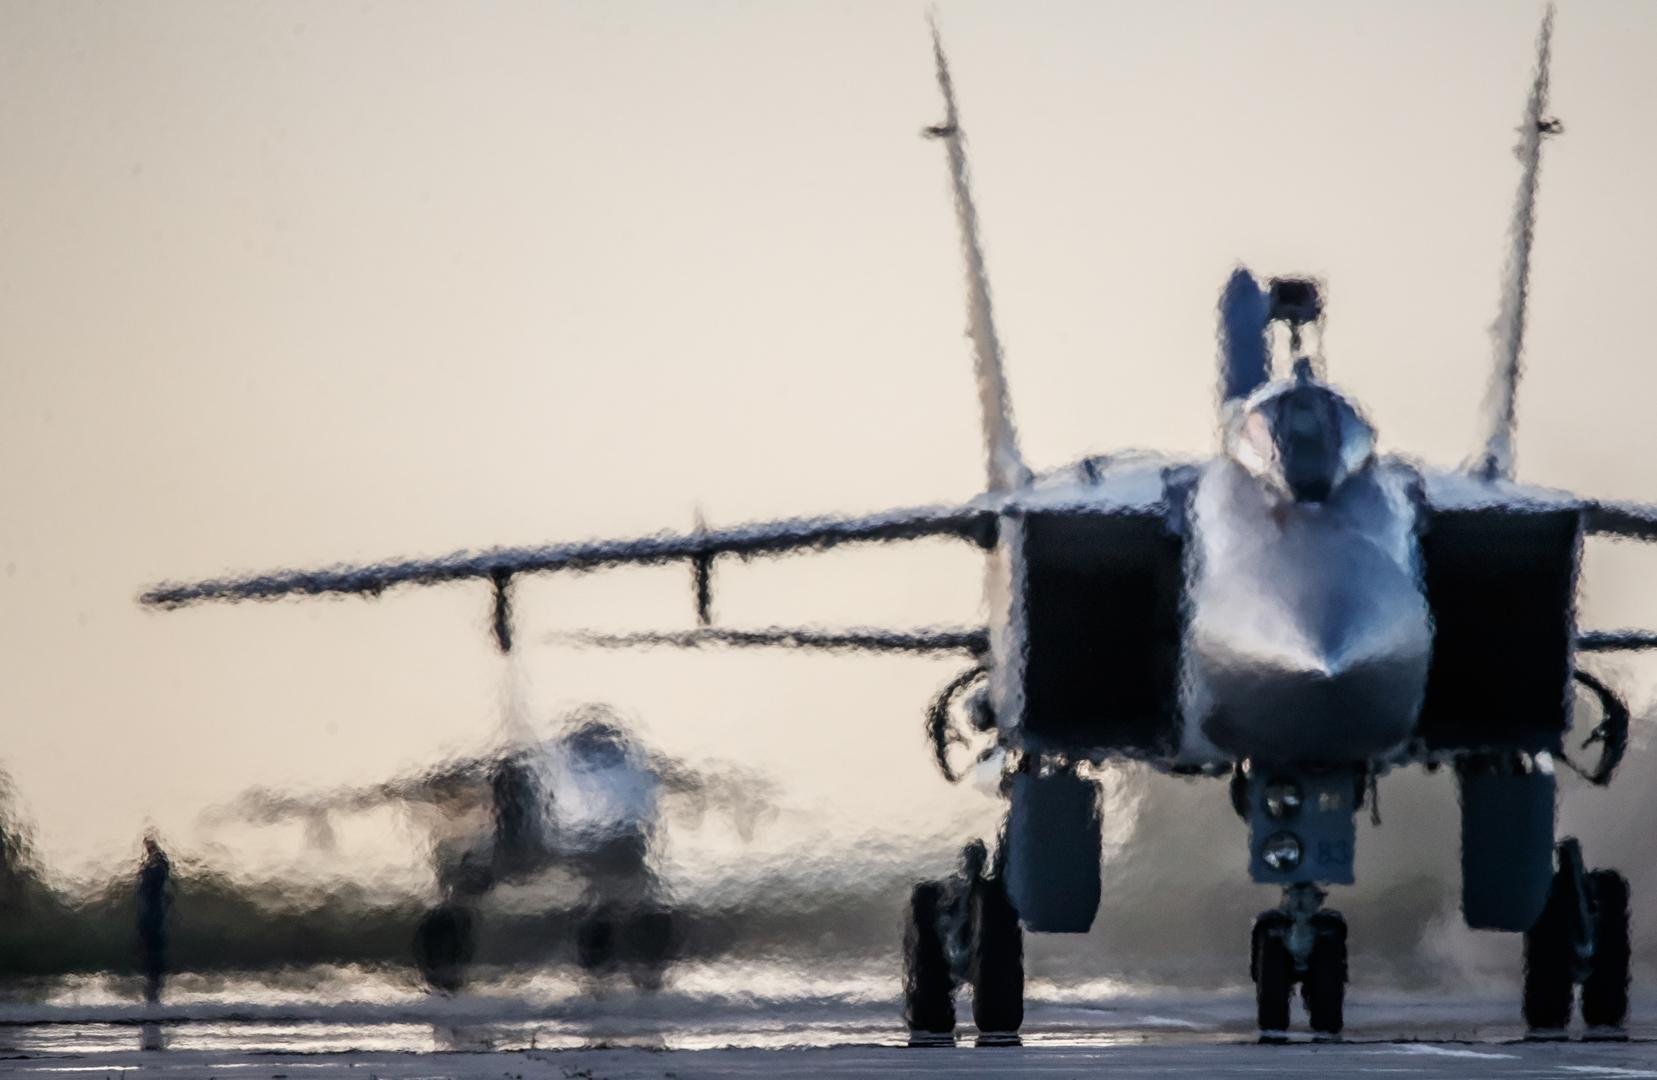 روسيا تنشر مقاتلات بعيدة المدى في منطقة القطب الشمالي